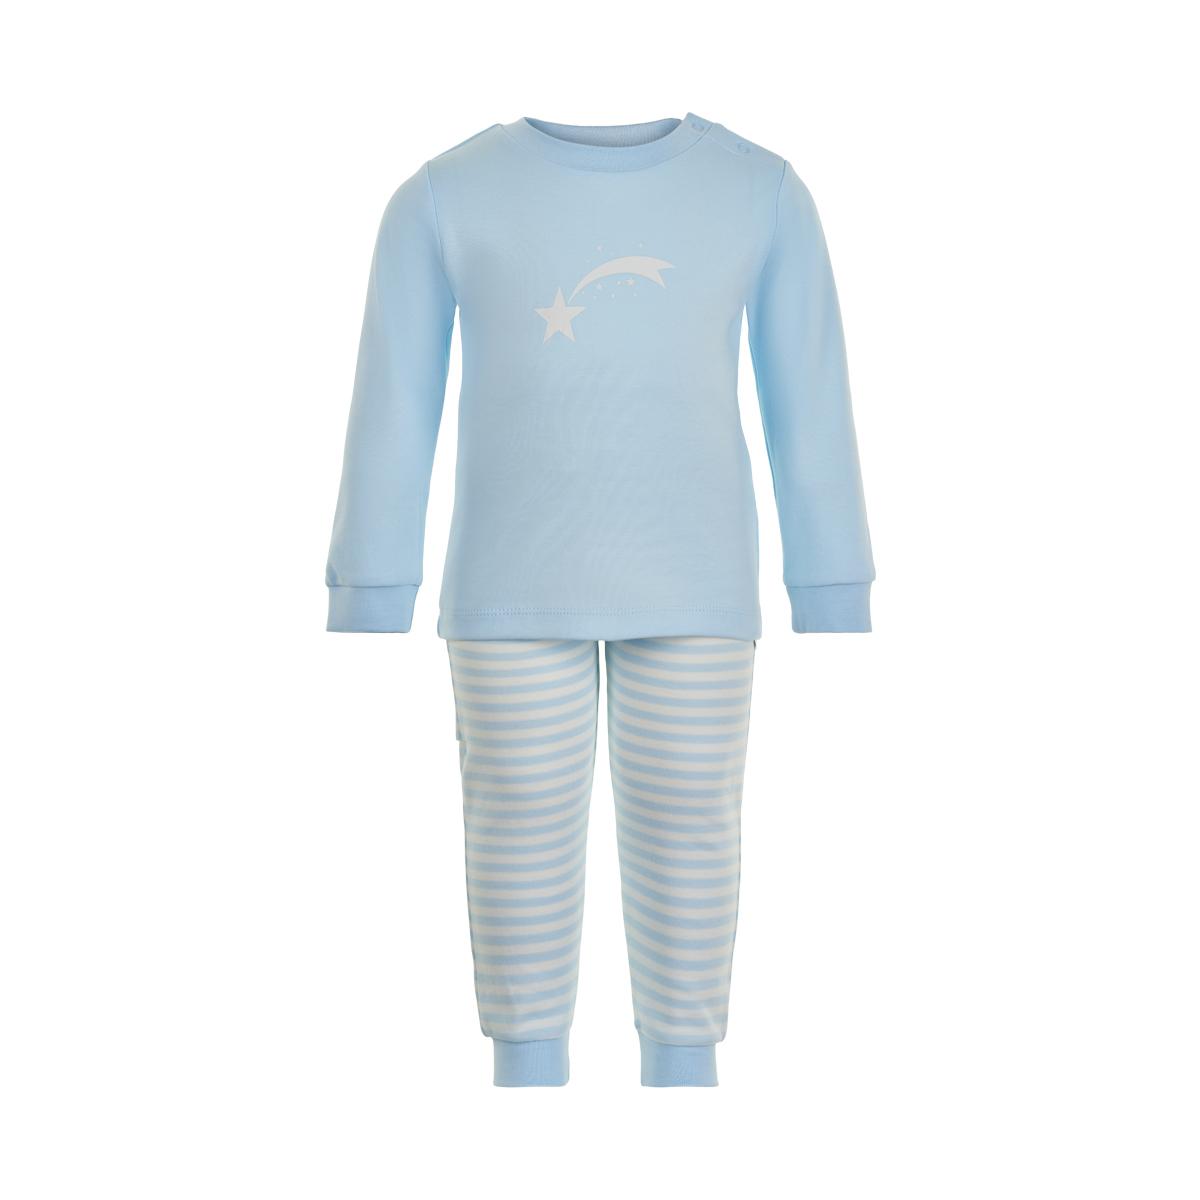 Fixoni dětské dvojdílné pyžamo  422015-7101